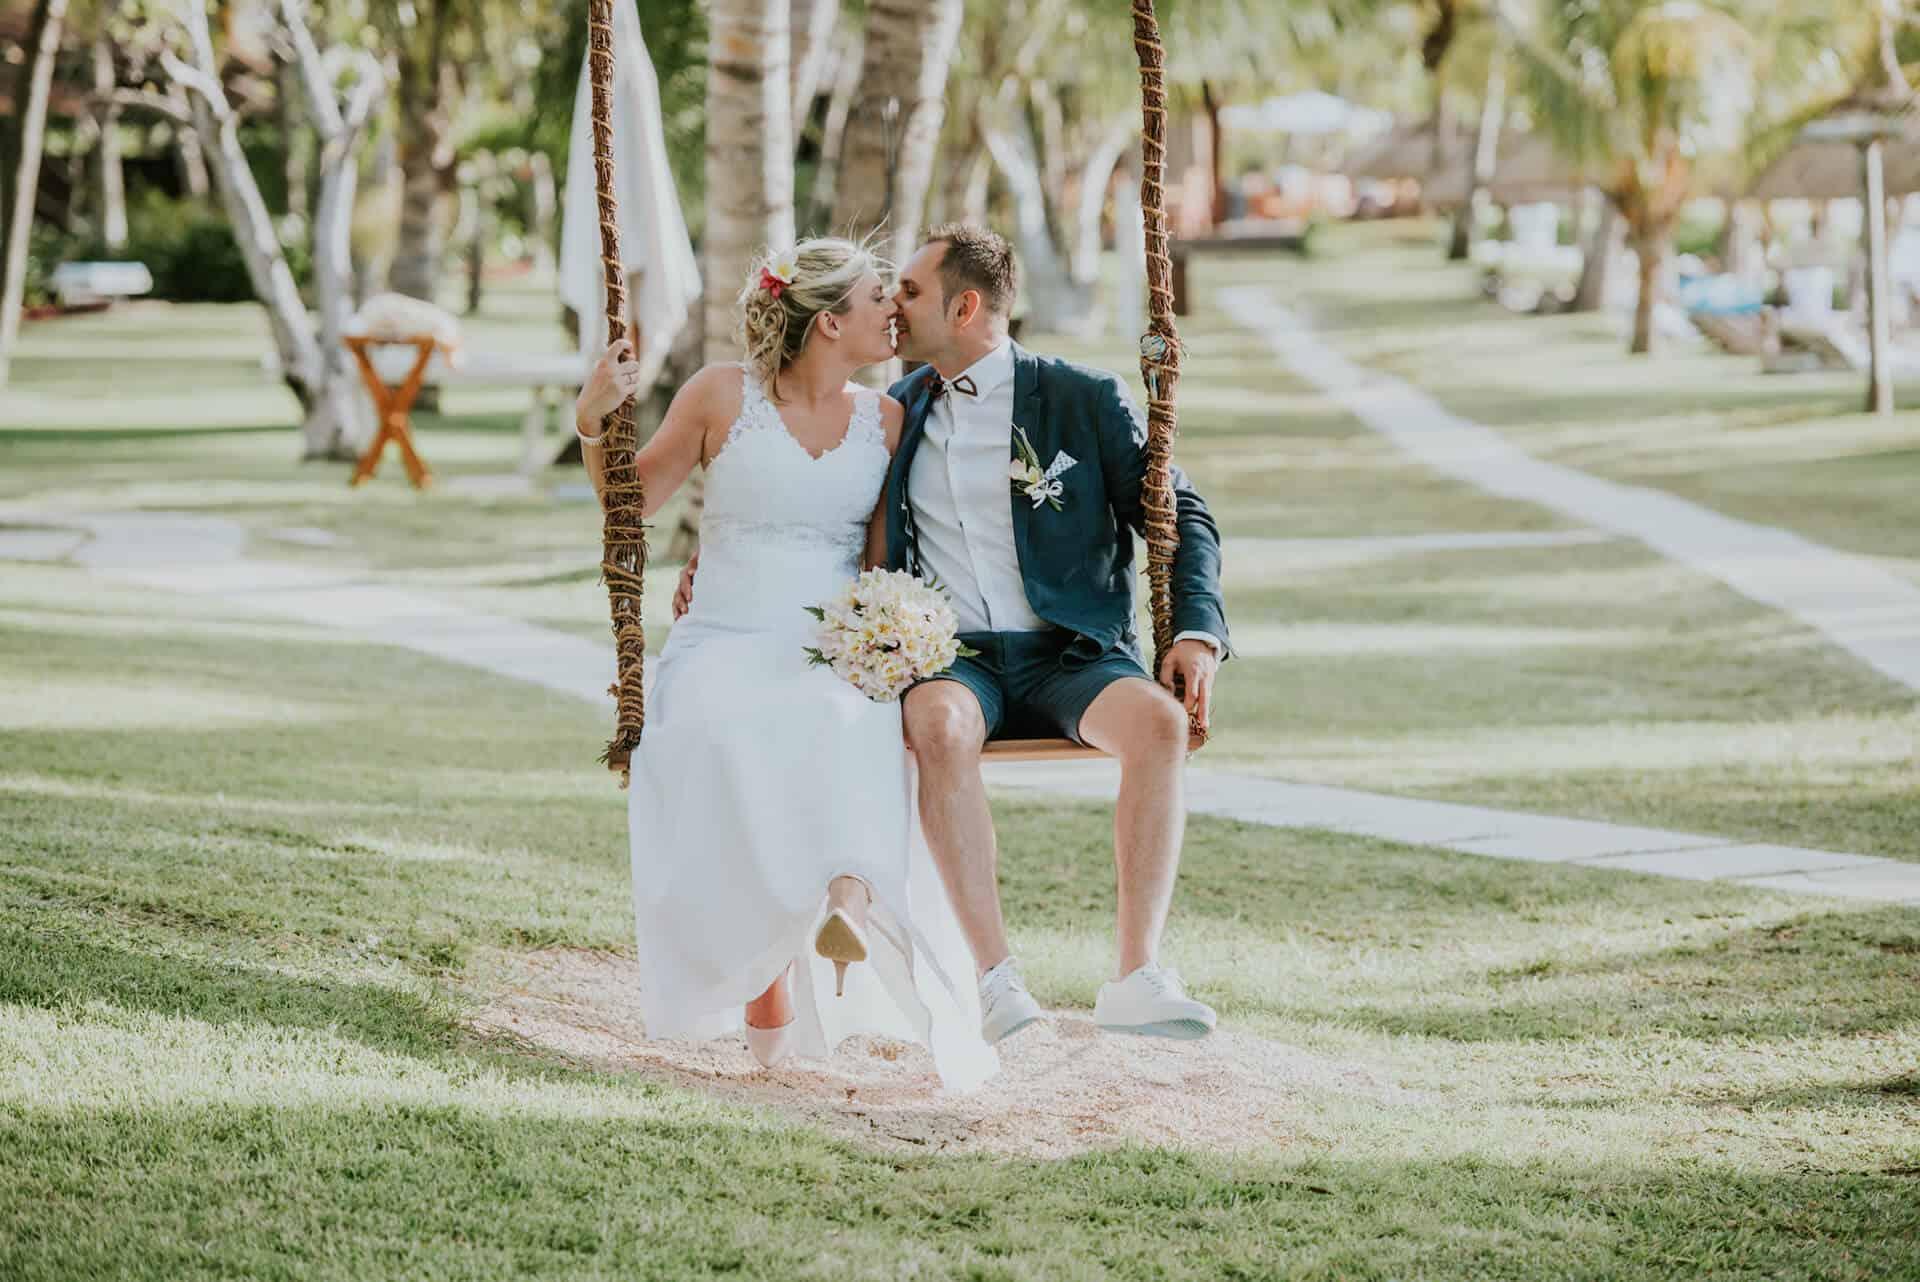 Deluxea novomanželé na houpačce